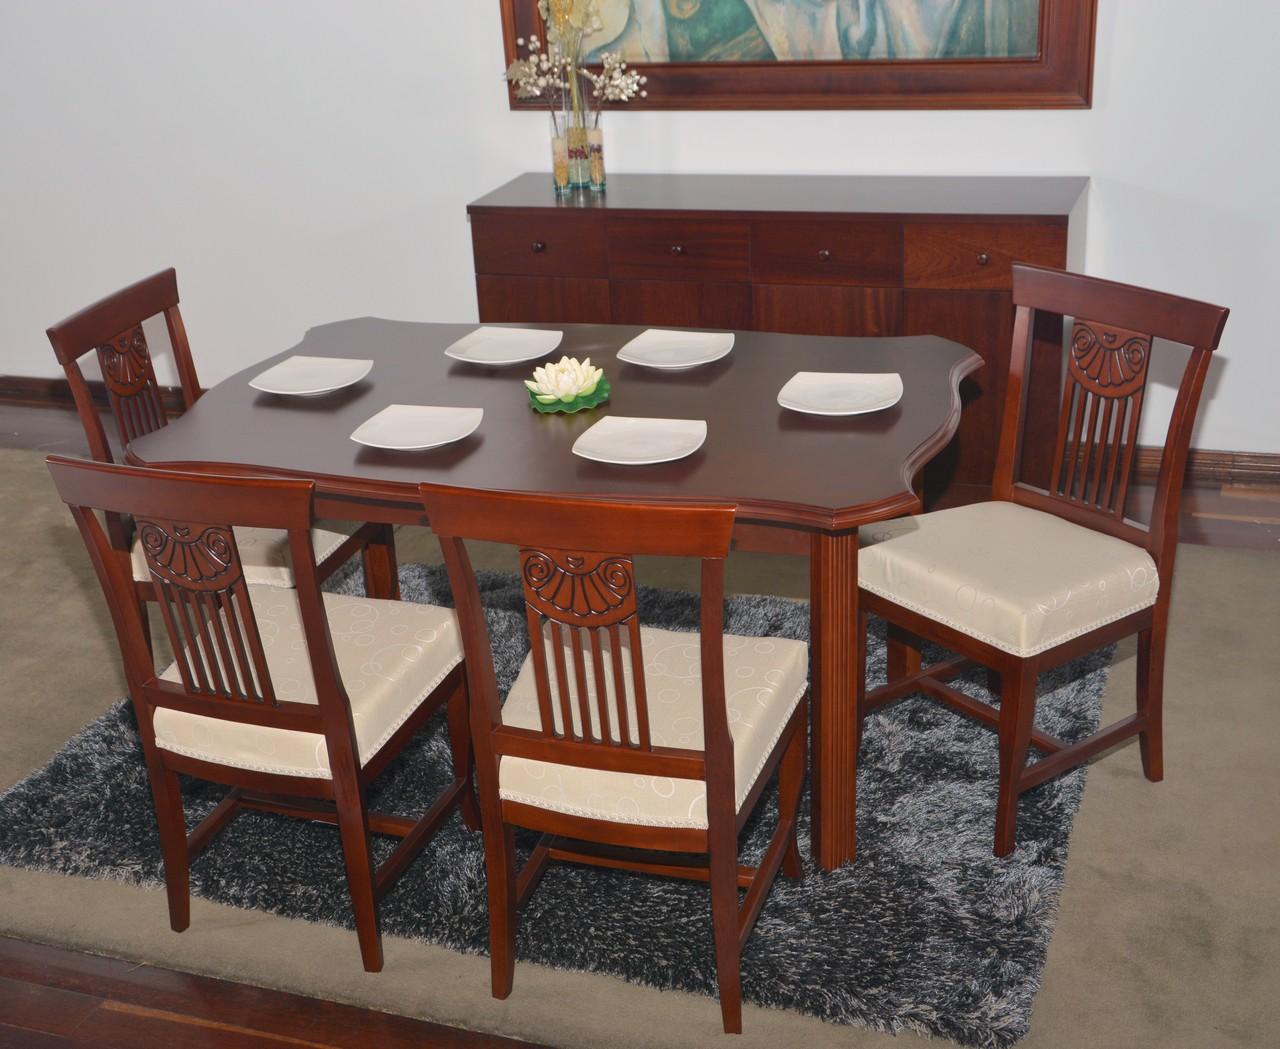 Muebles el Cid | Comedores | 451 5476 - 751 6235 | Bogota - Colombia